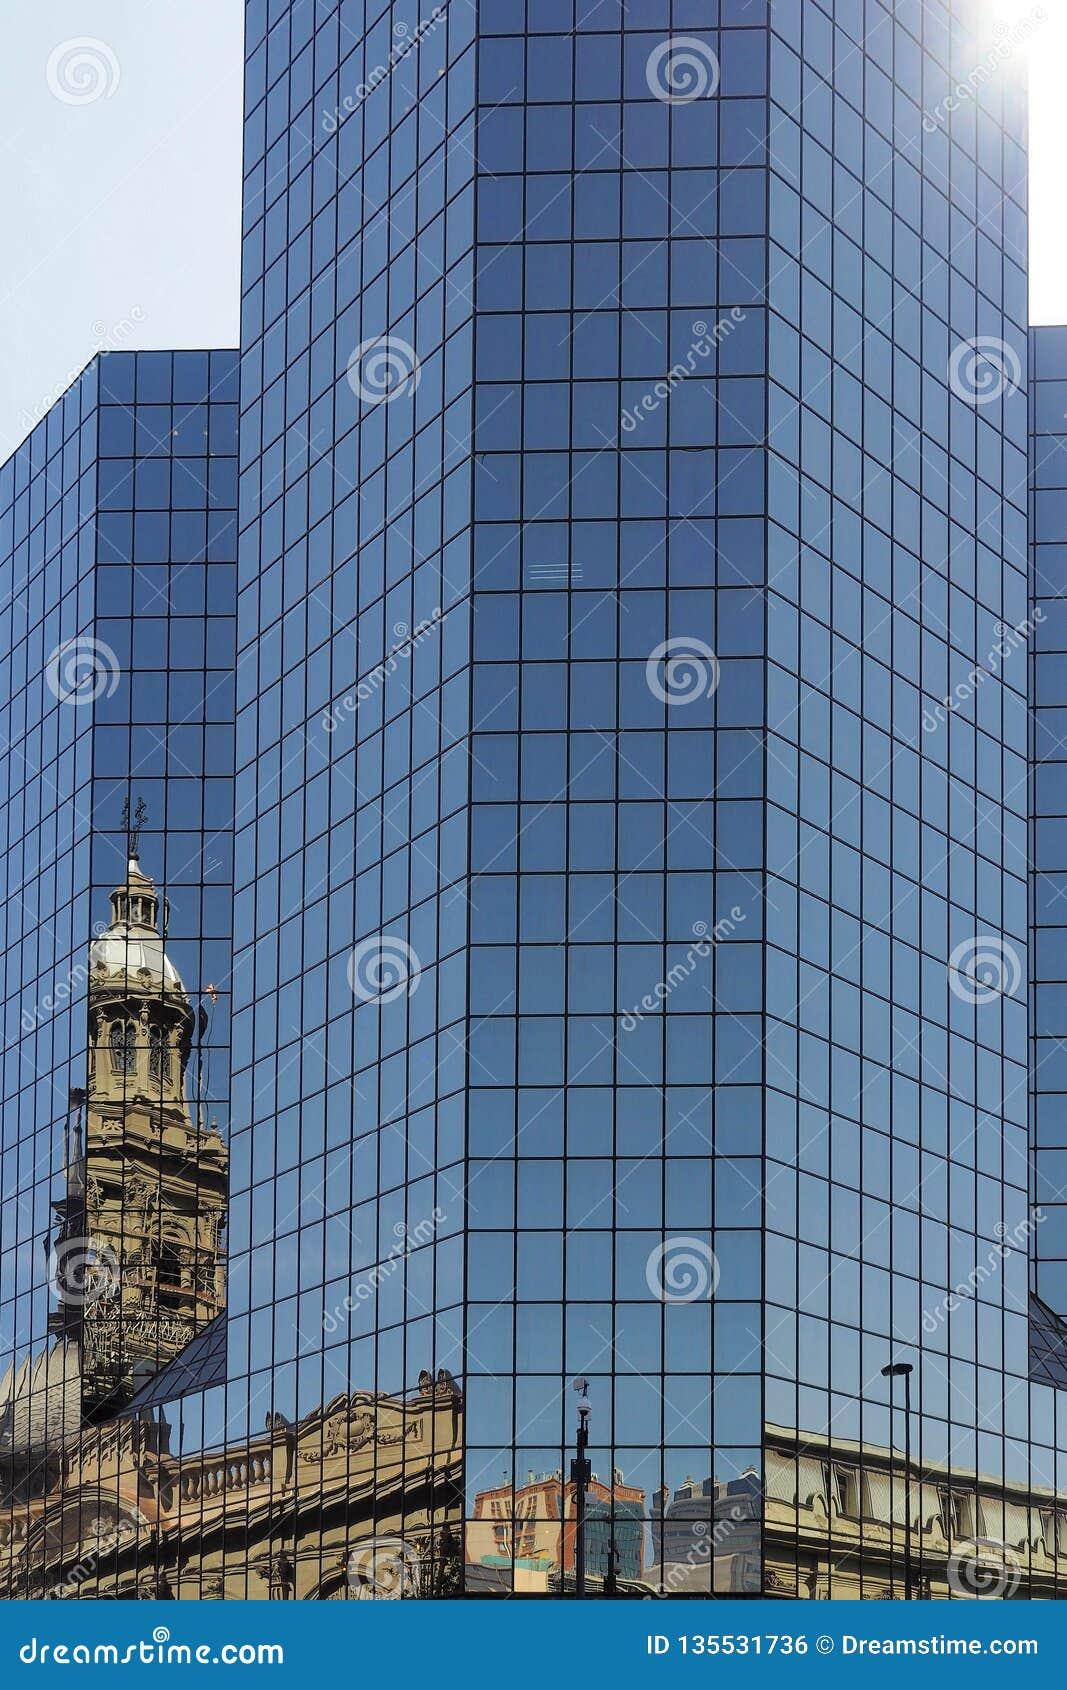 Reflexion in der Glaswand des modernen Bürogebäudes